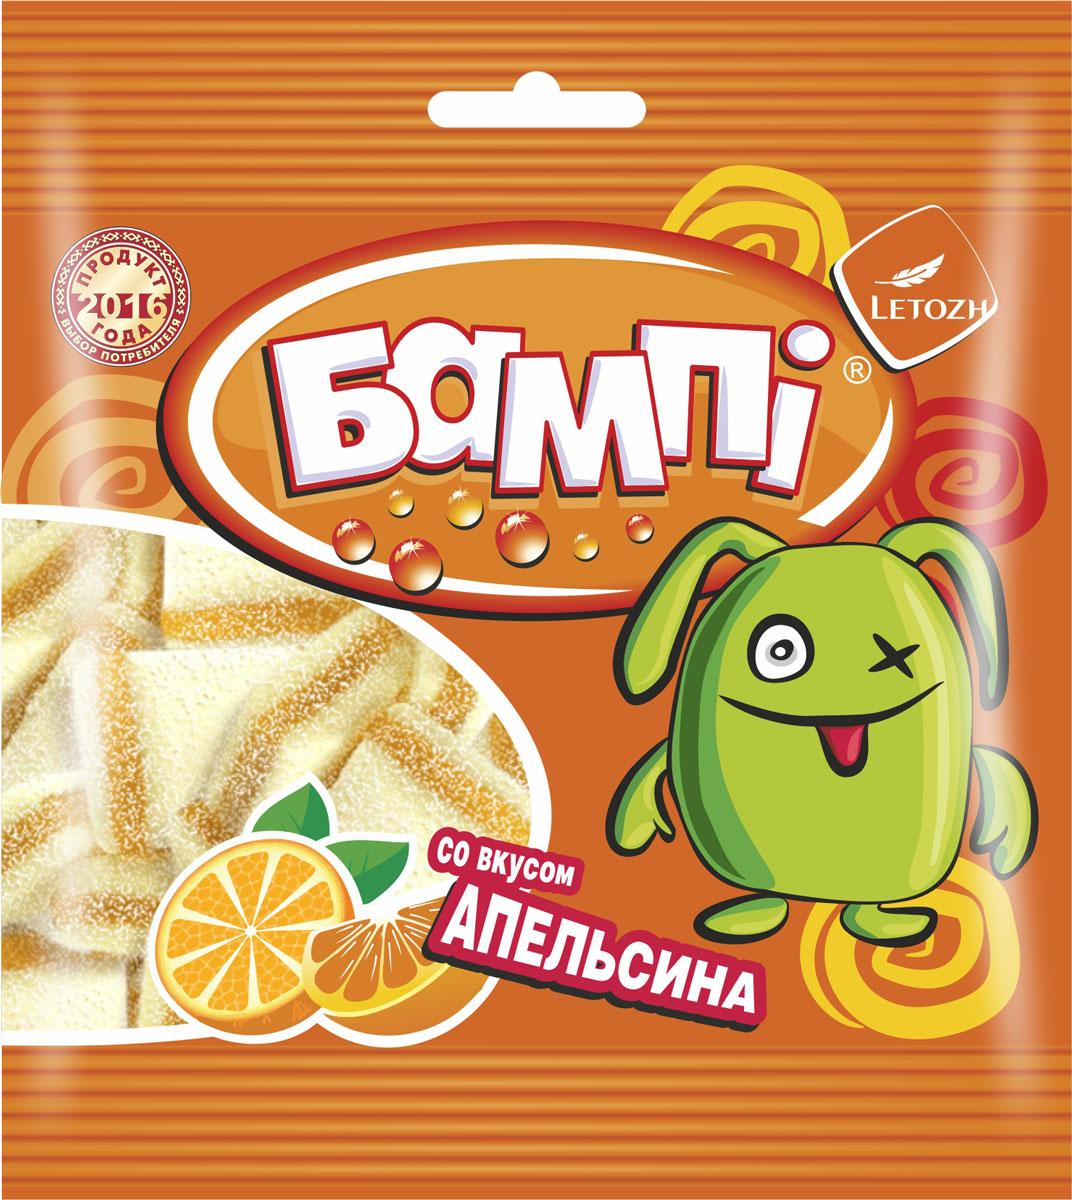 Жевательная конфета в форме сэндвича – это мягкий жевательный мармелад со вкусом сочного апельсина. В составе кондитерского изделия только натуральные ингредиенты. Не содержит консервантов, искусственных красителей, ароматизаторов и лактозу, что делает его идеальным вкусным лакомством для детей и их родителей! Дополнительный оттенок вкуса конфете придает кисло-сладкая обсыпка.